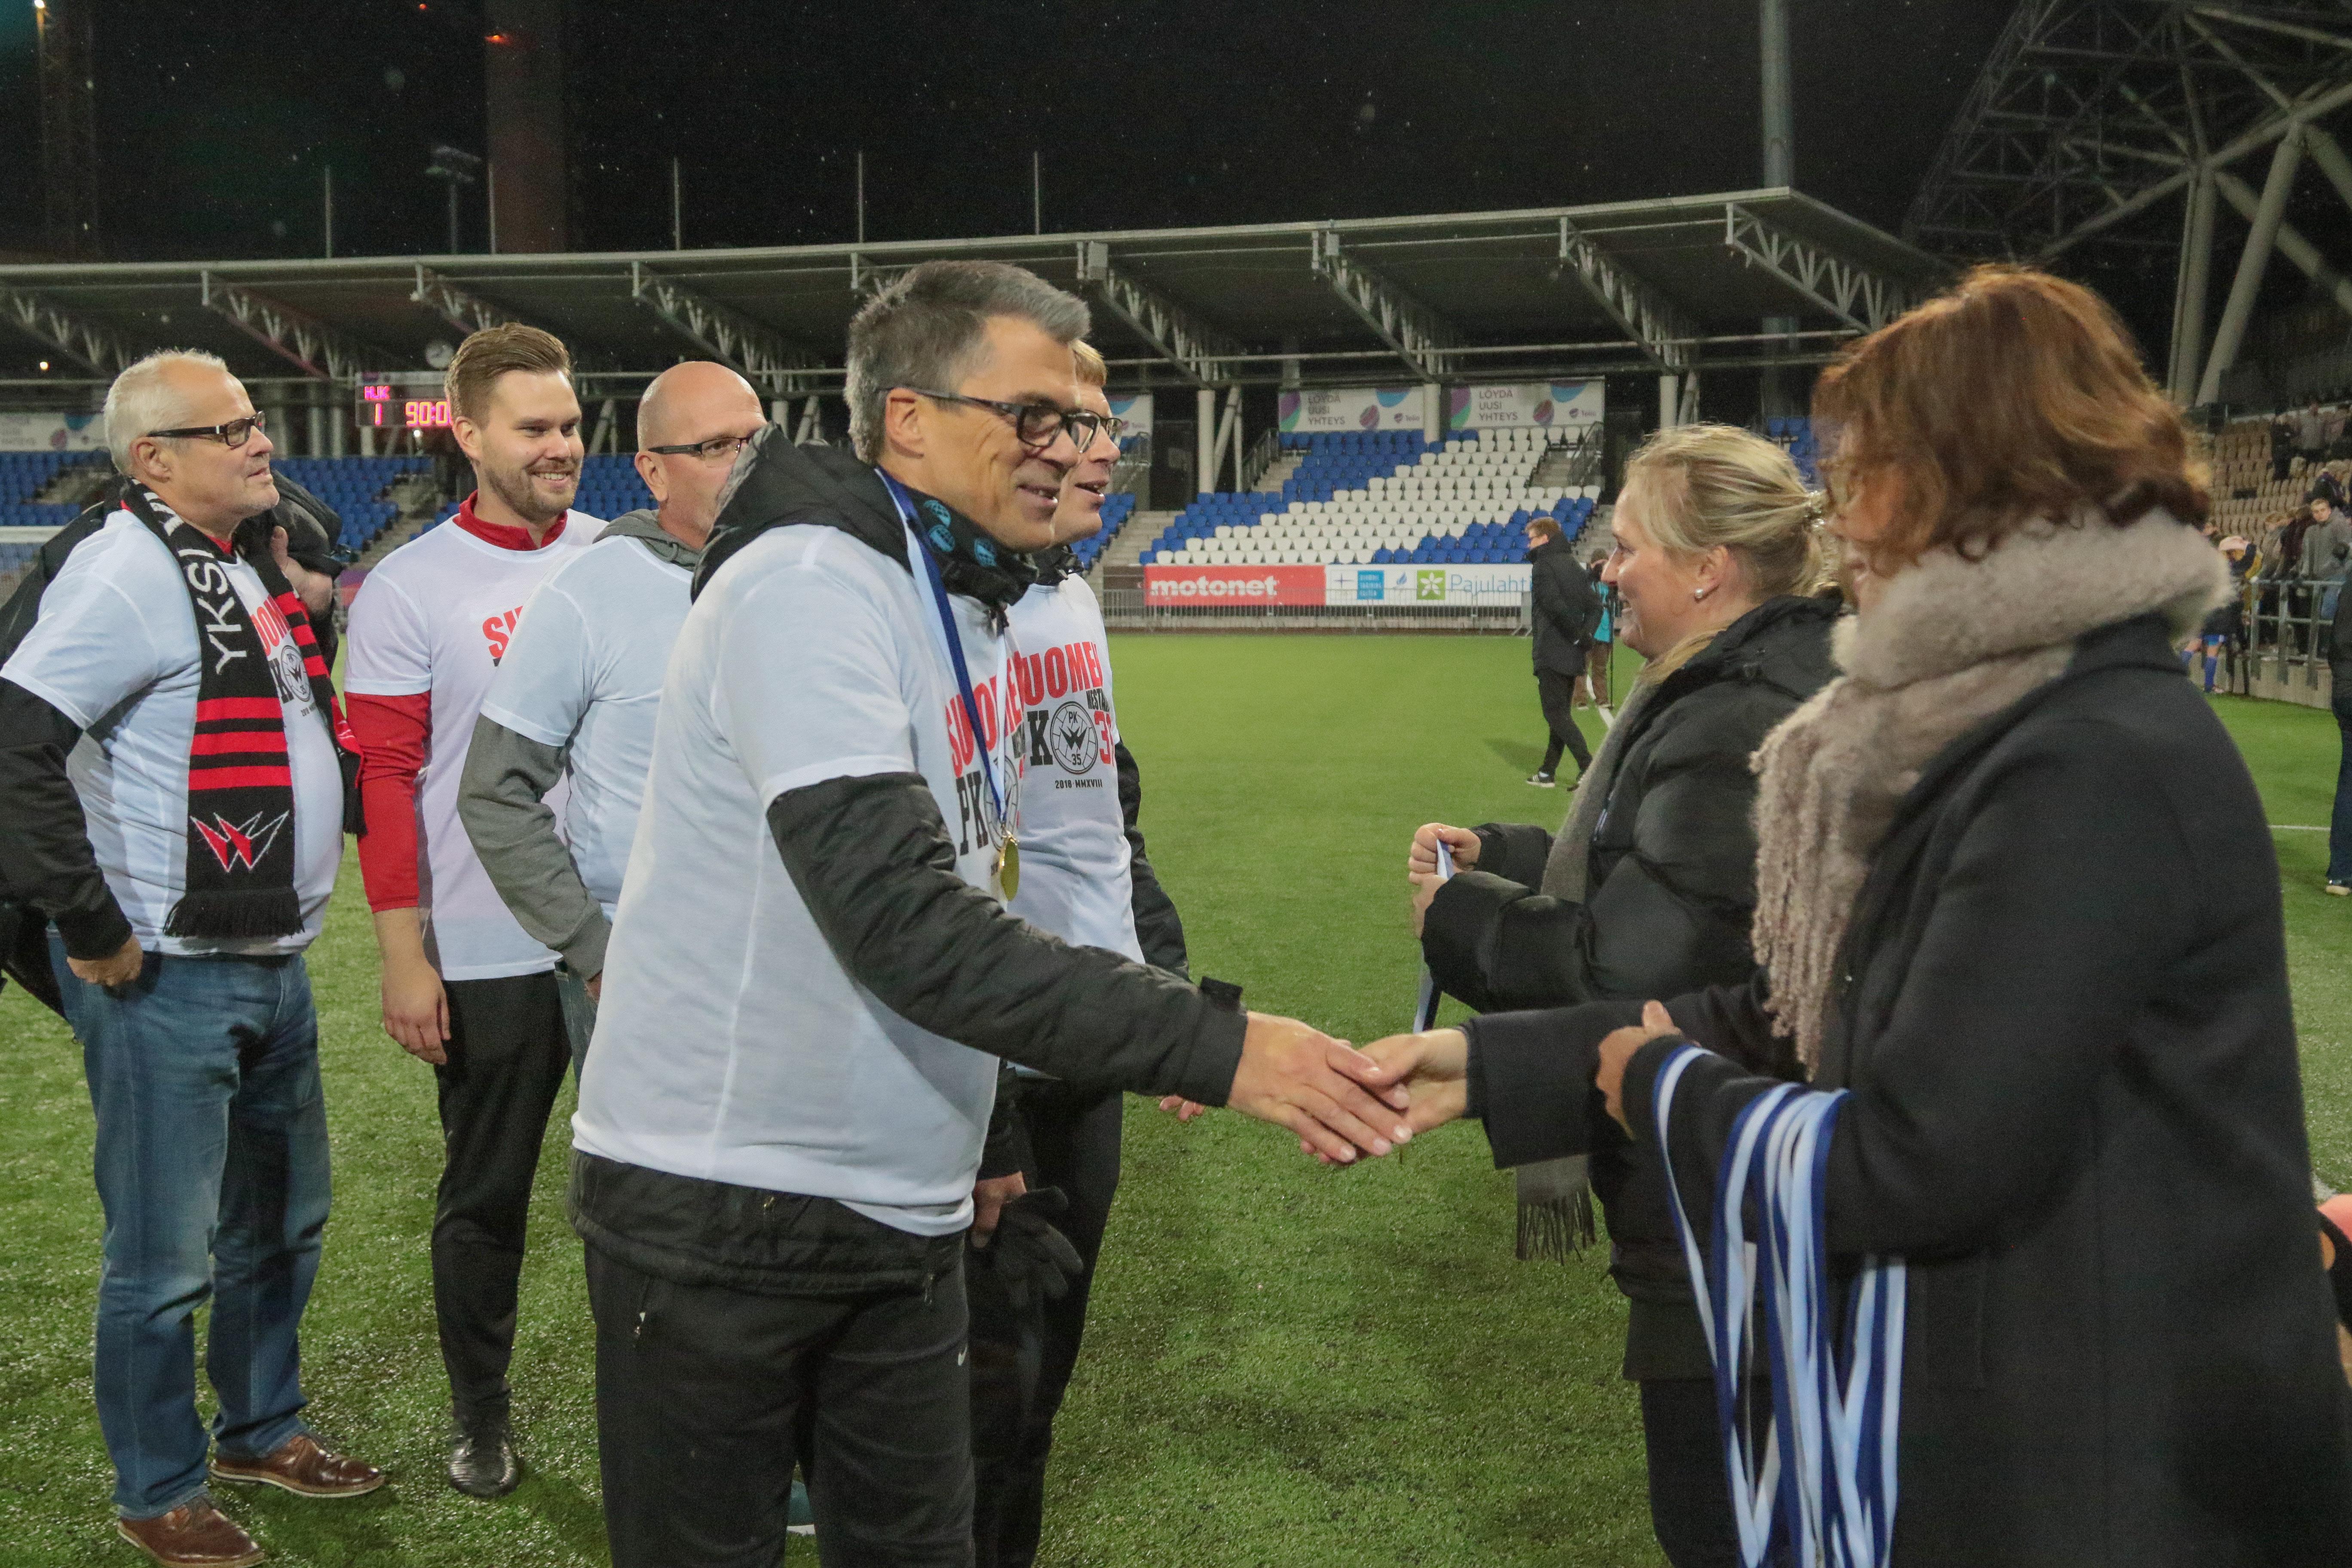 Punamustien Valmennusryhmä Jatkaa Kaudella 2019